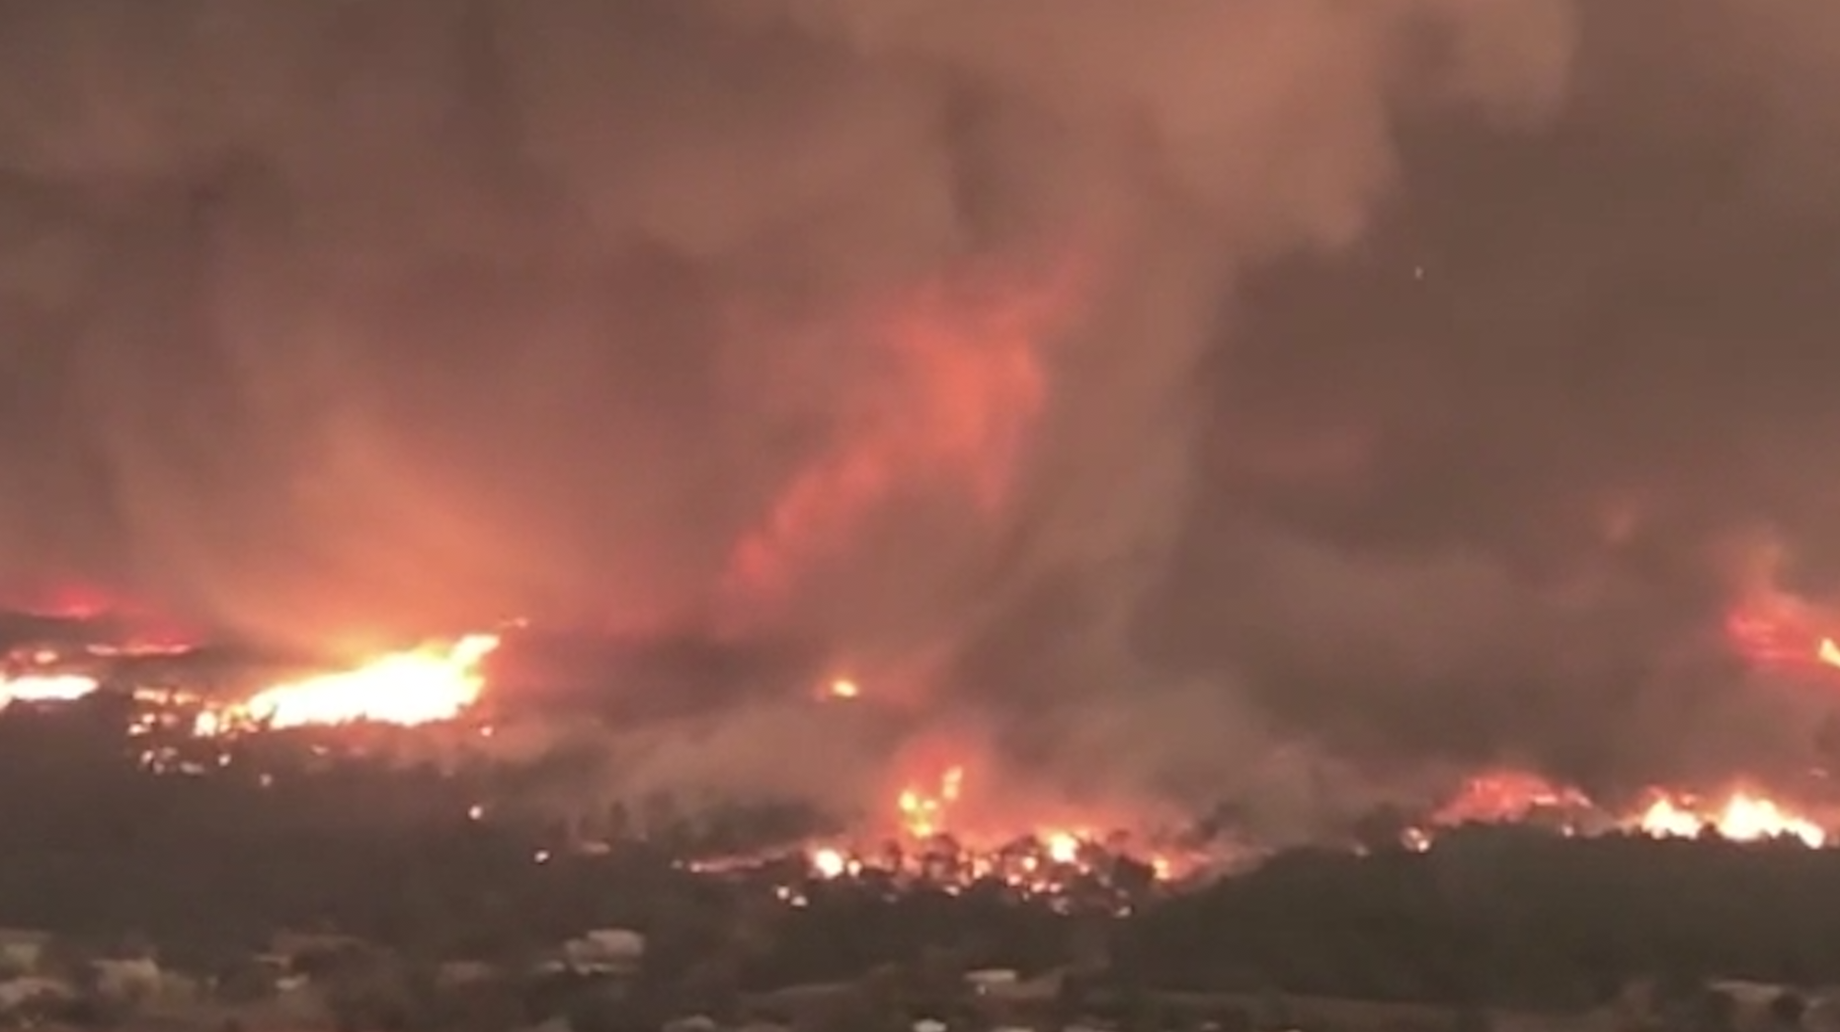 Tornado De Fuego Arrasa Con Casas En Medio De Fiestas De Fin De Ano